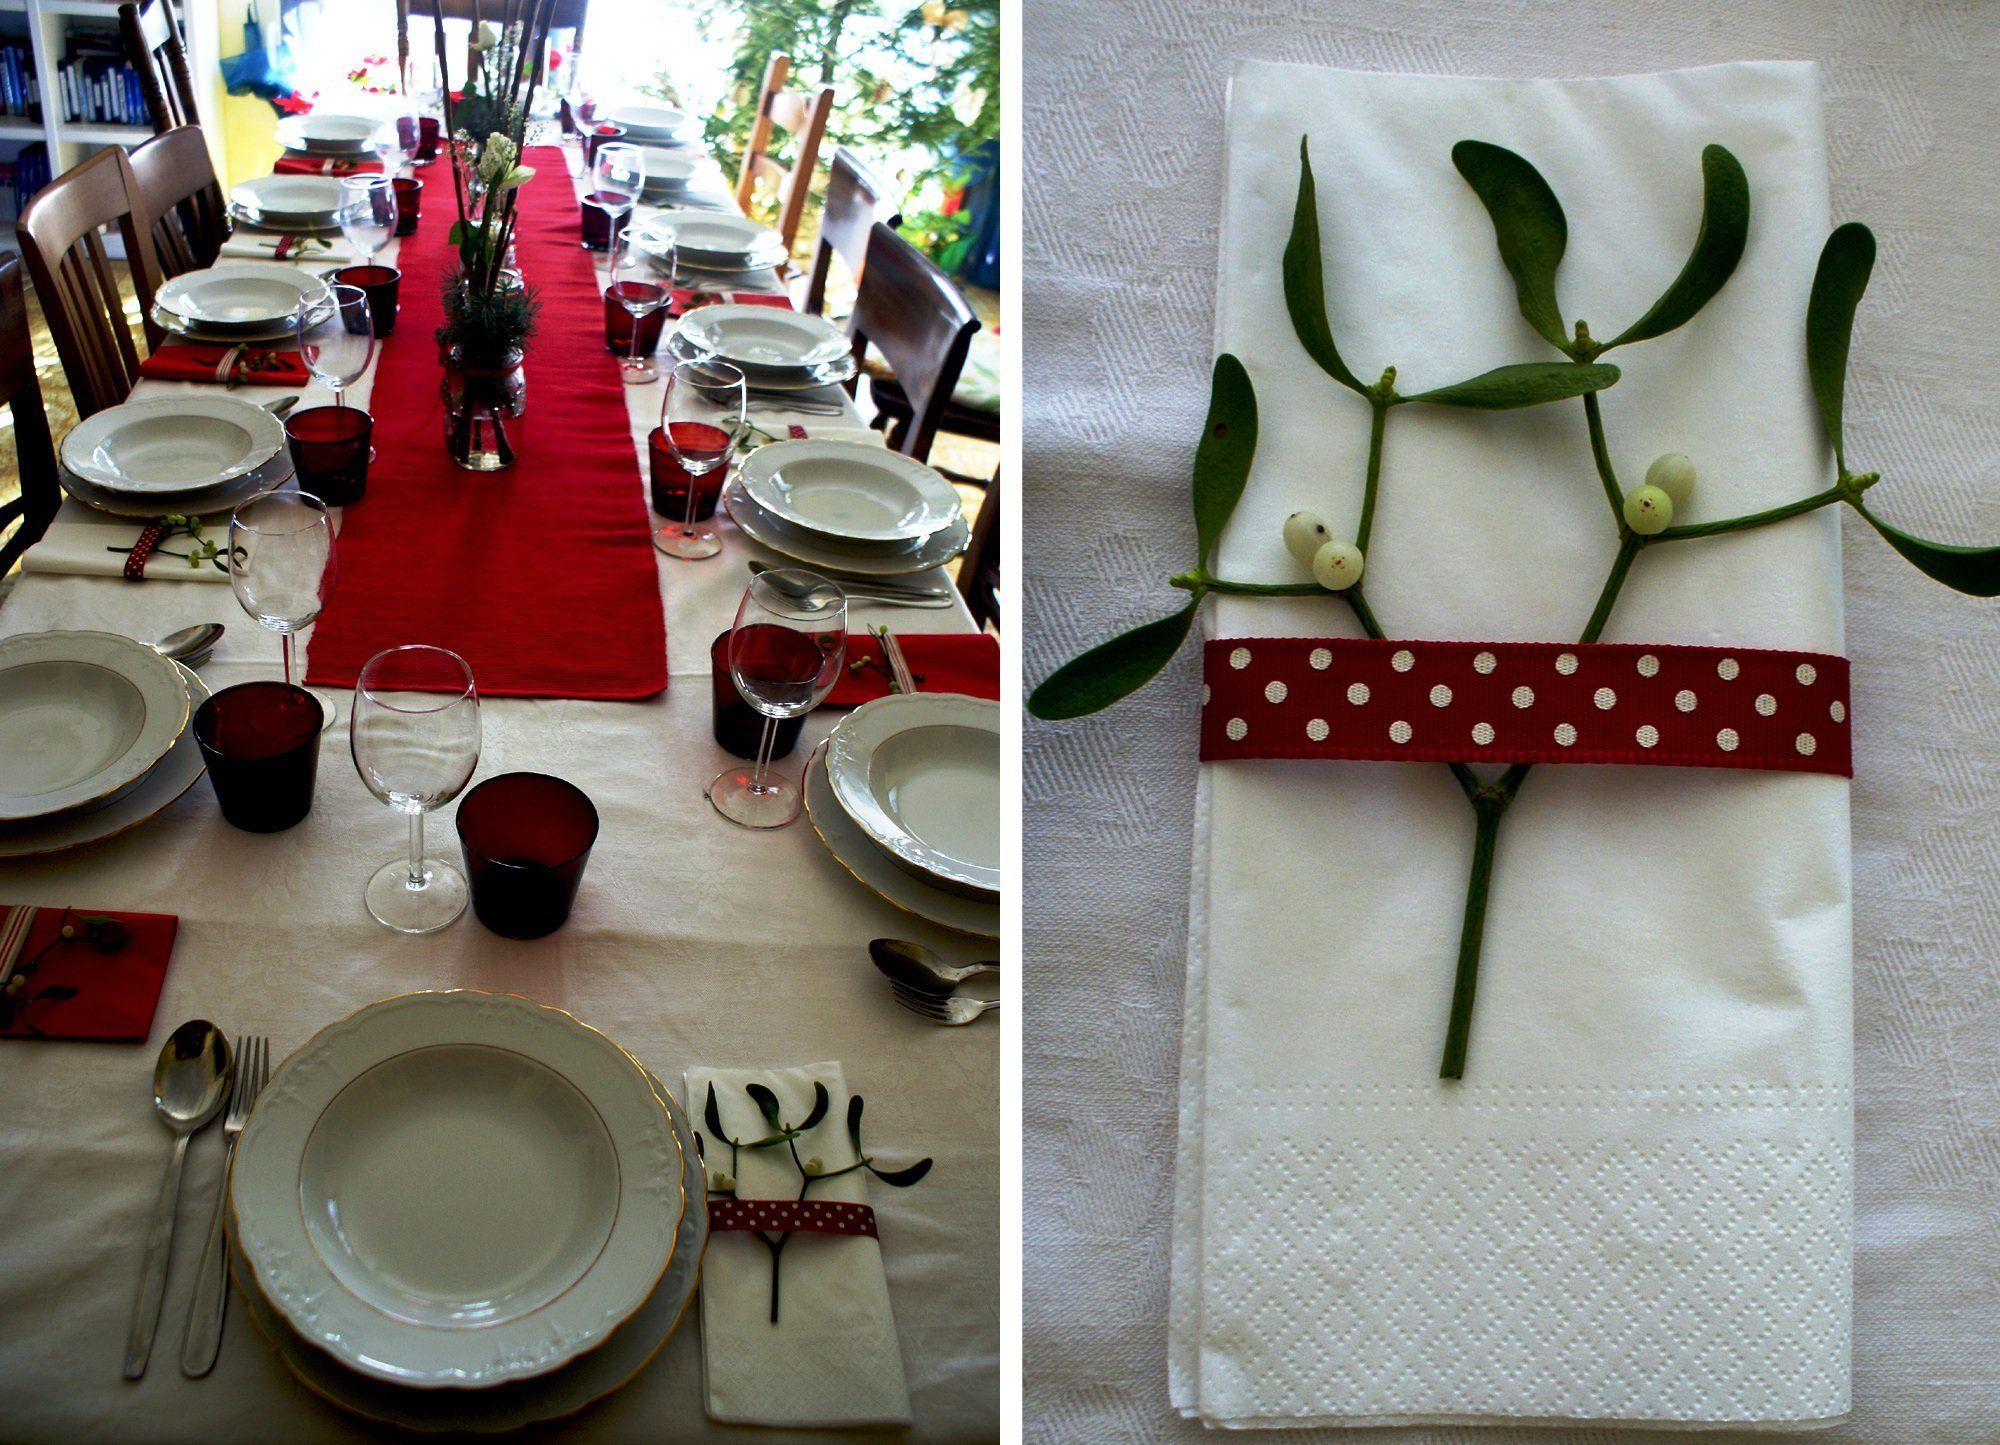 Diy wedding table decorations ideas  Décoration sur serviette de table  Plaisirs de Noël  Pinterest